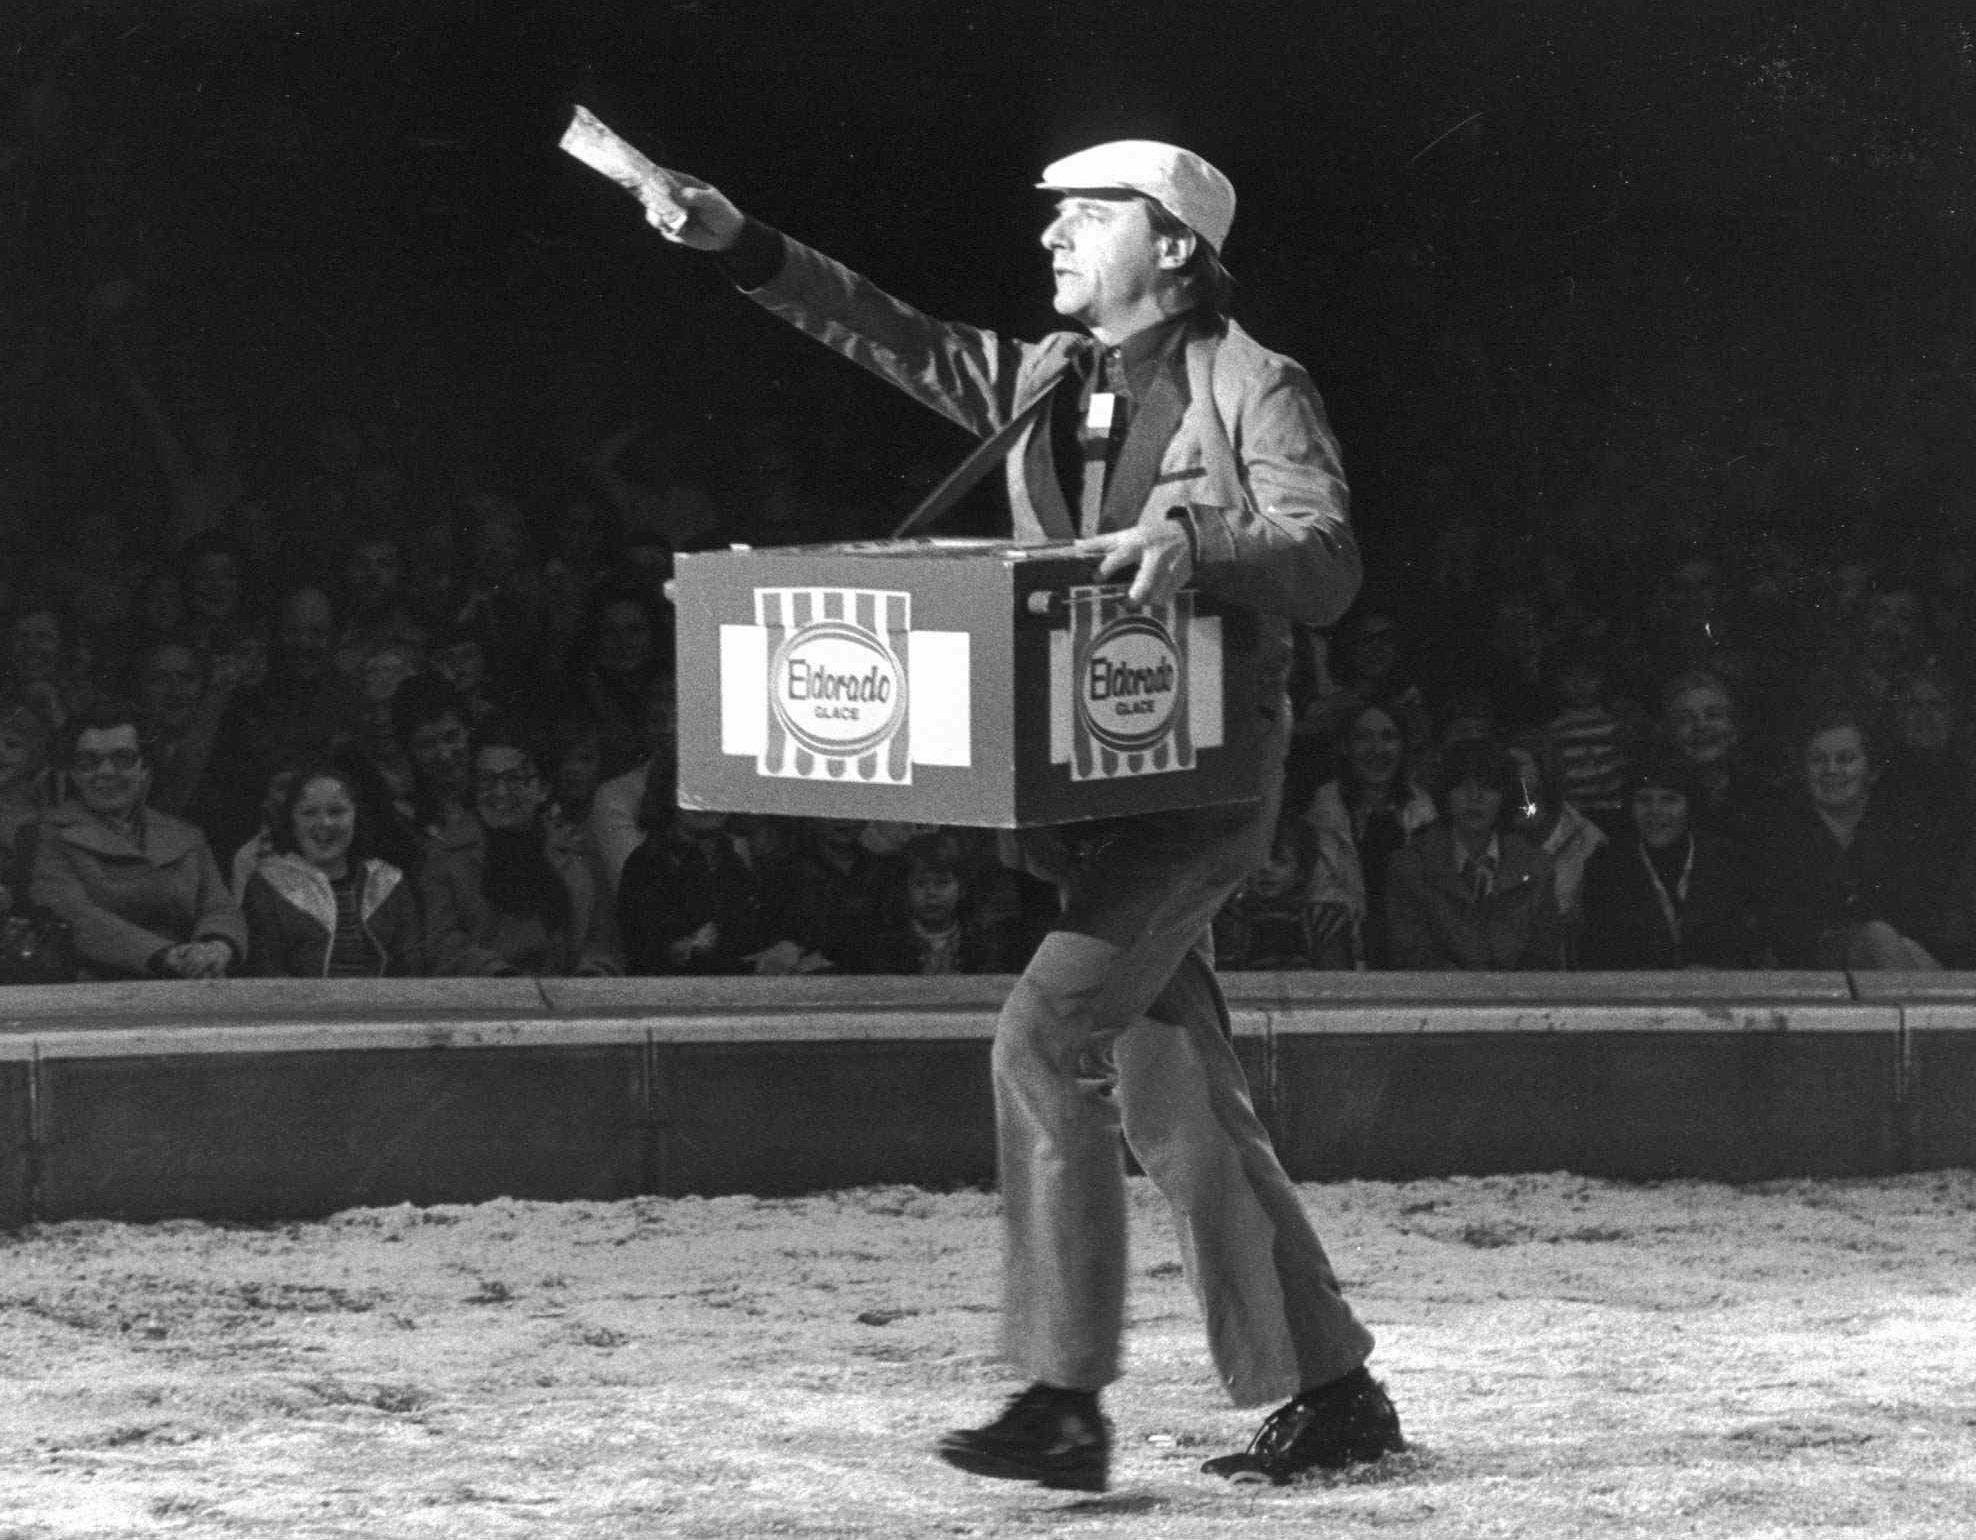 Emil Steinberger im Jahr 1977 bei seinem legendären Auftritt als Eisverkäufer im Circus Knie.